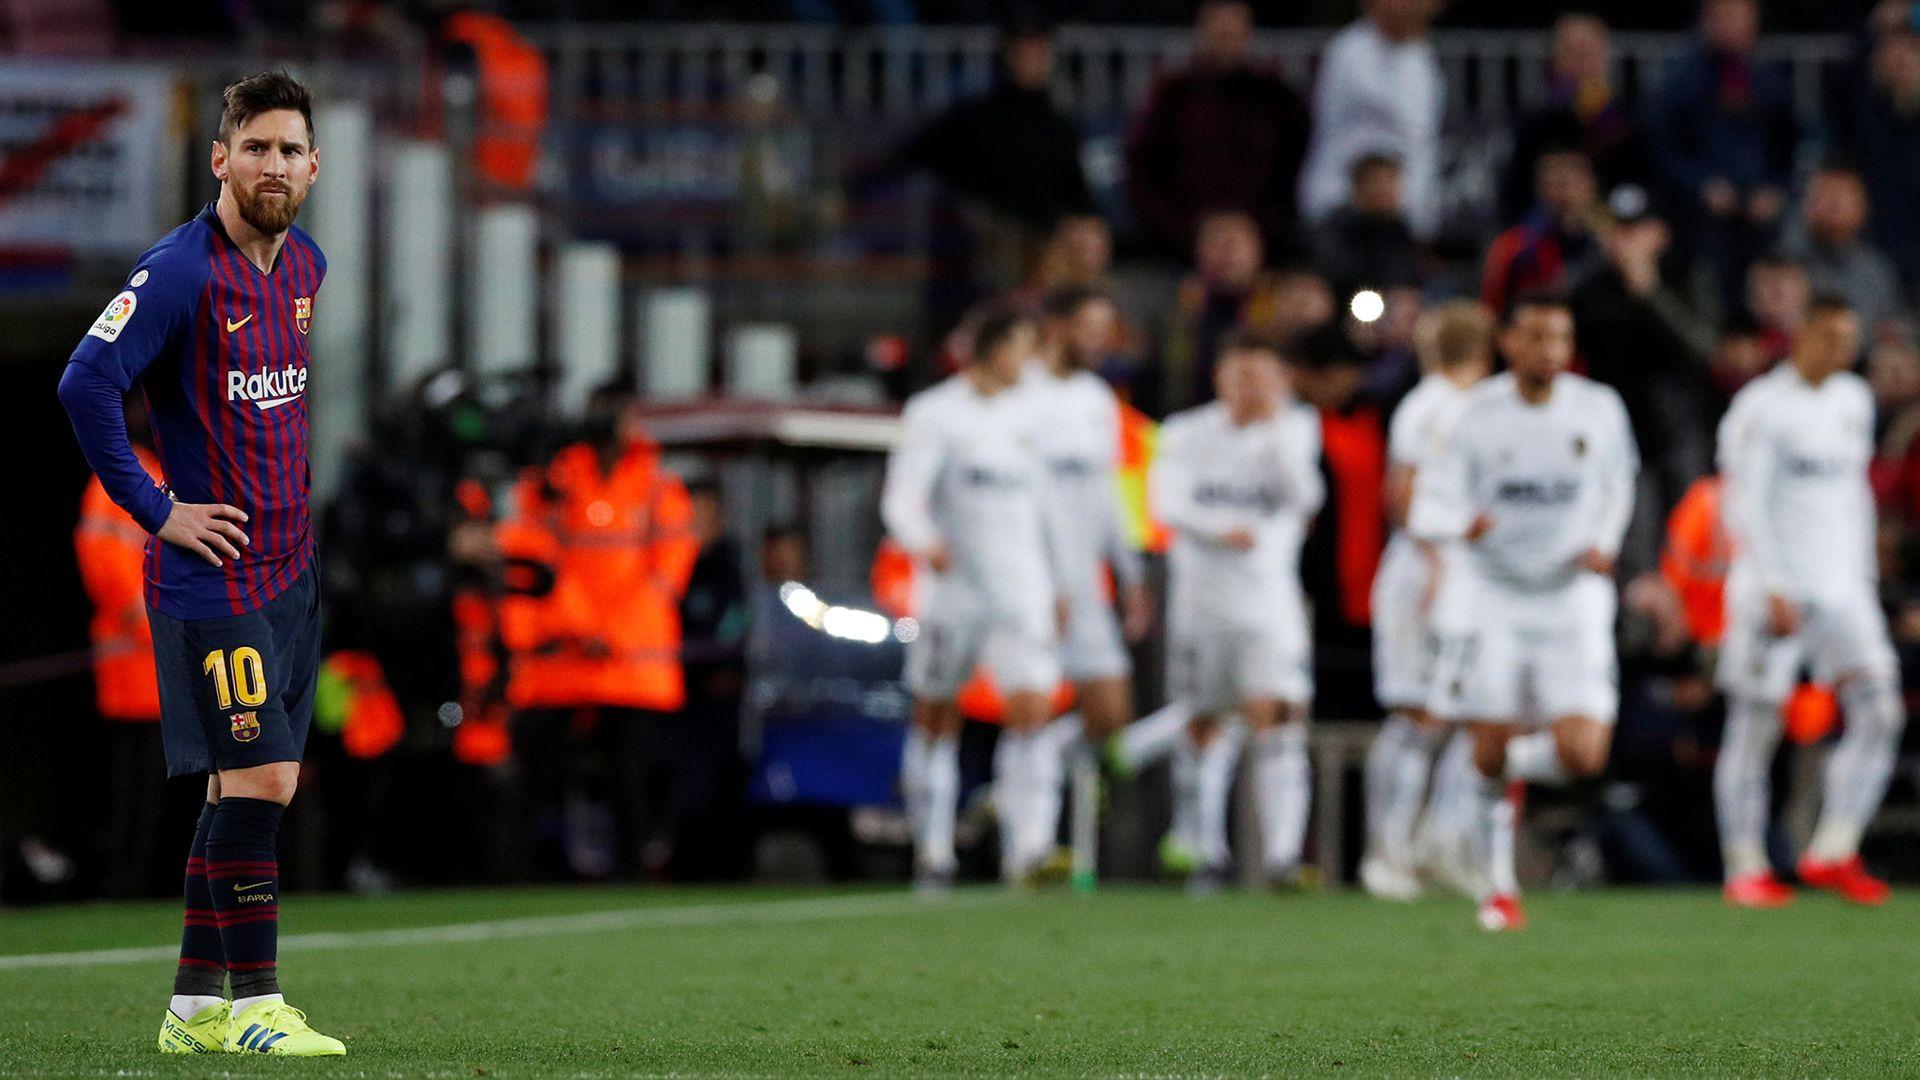 Dani Parejo celebra su gol para el Valencia en el Camp Nou ante la mirada desconcertada de Lionel Messi. Foto: REUTERS/Albert Gea